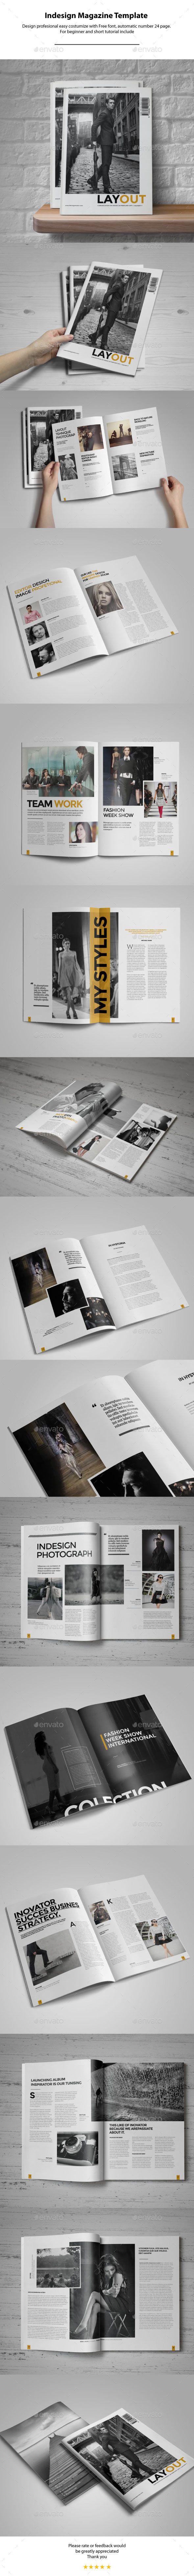 Indesign Magazine Template   Diseño gráfico web, Editorial y Revistas